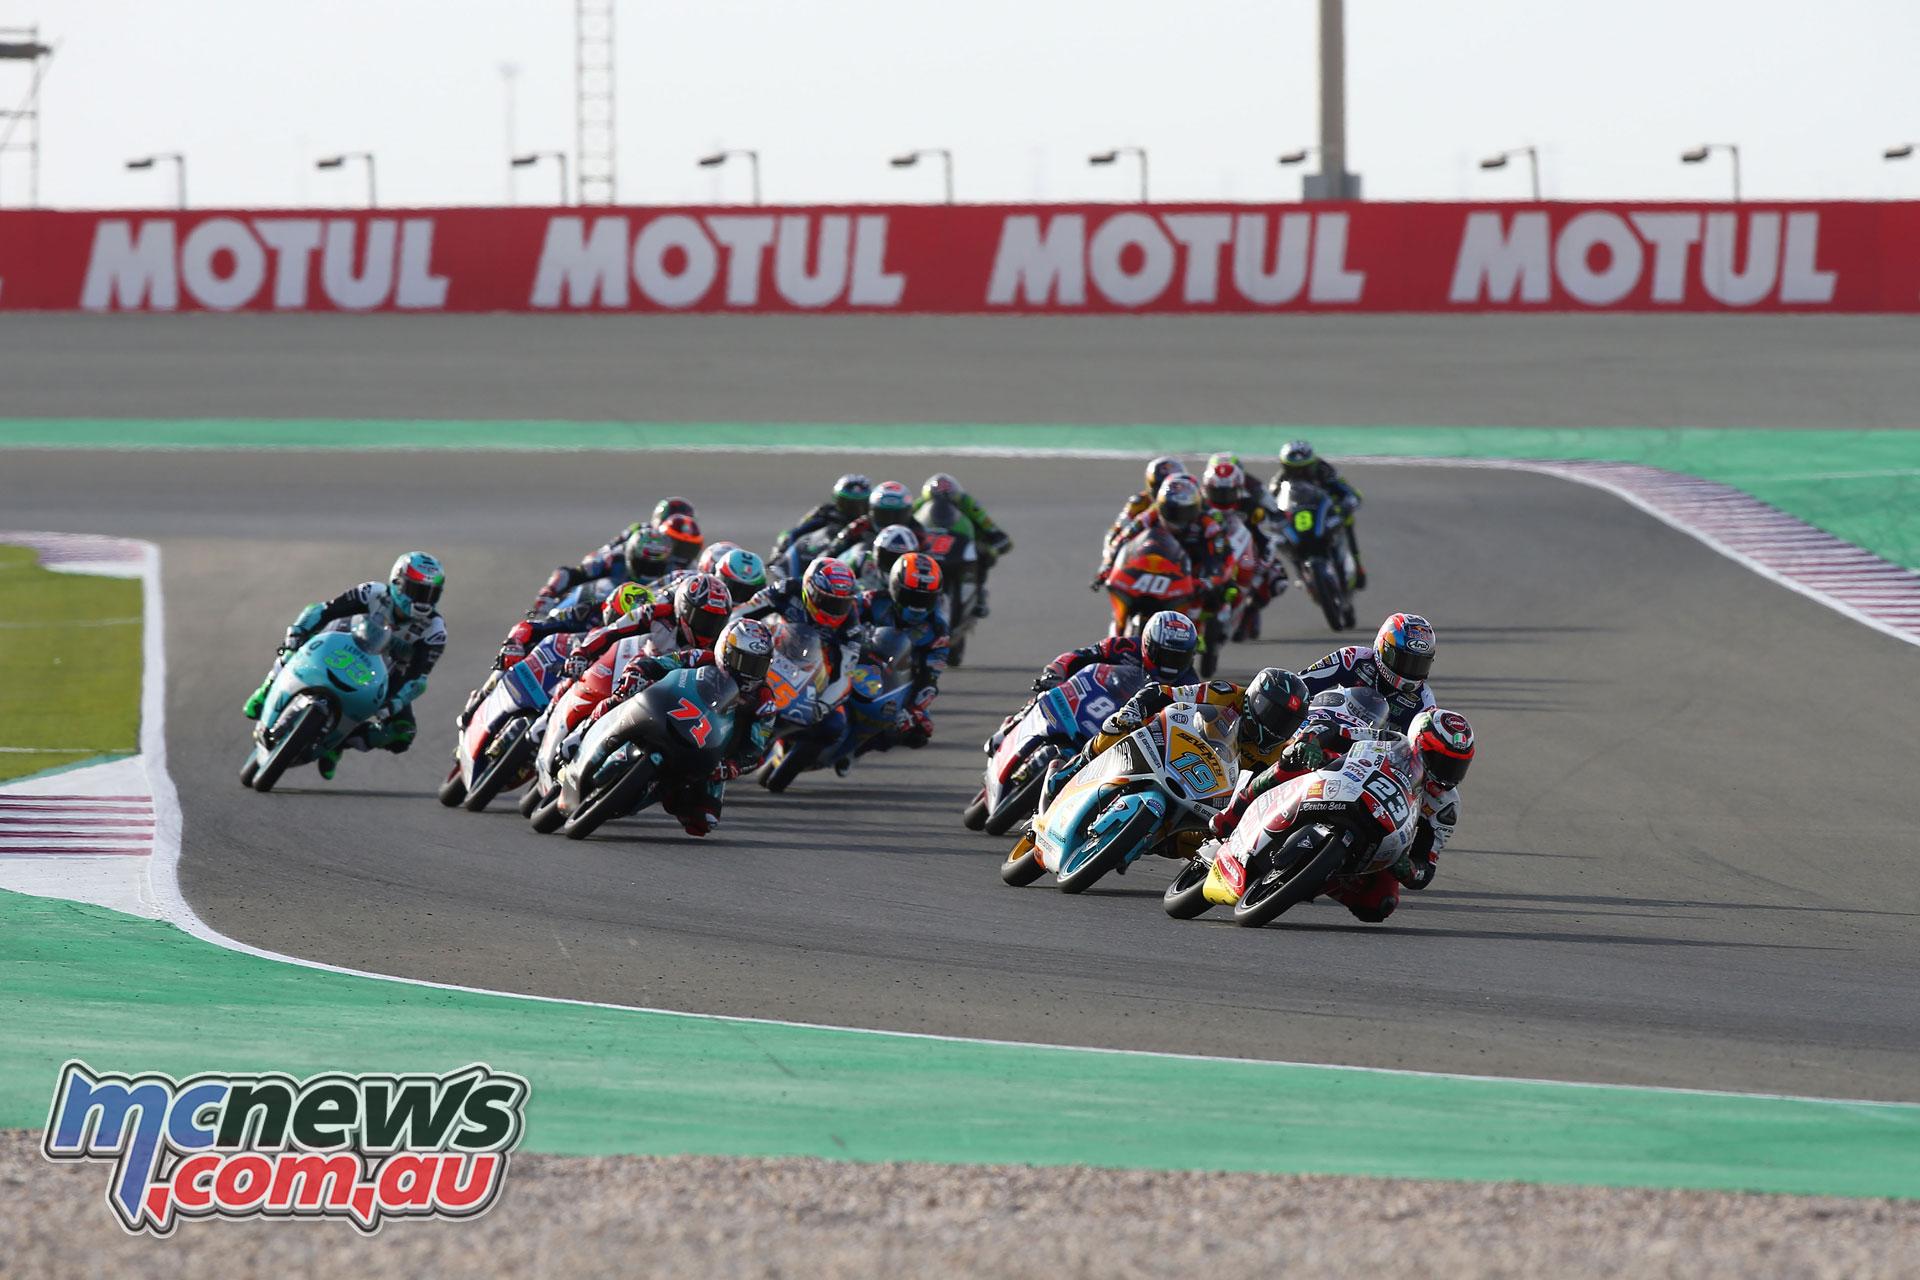 2018 Qatar MotoGP Images | Gallery E | MCNews.com.au